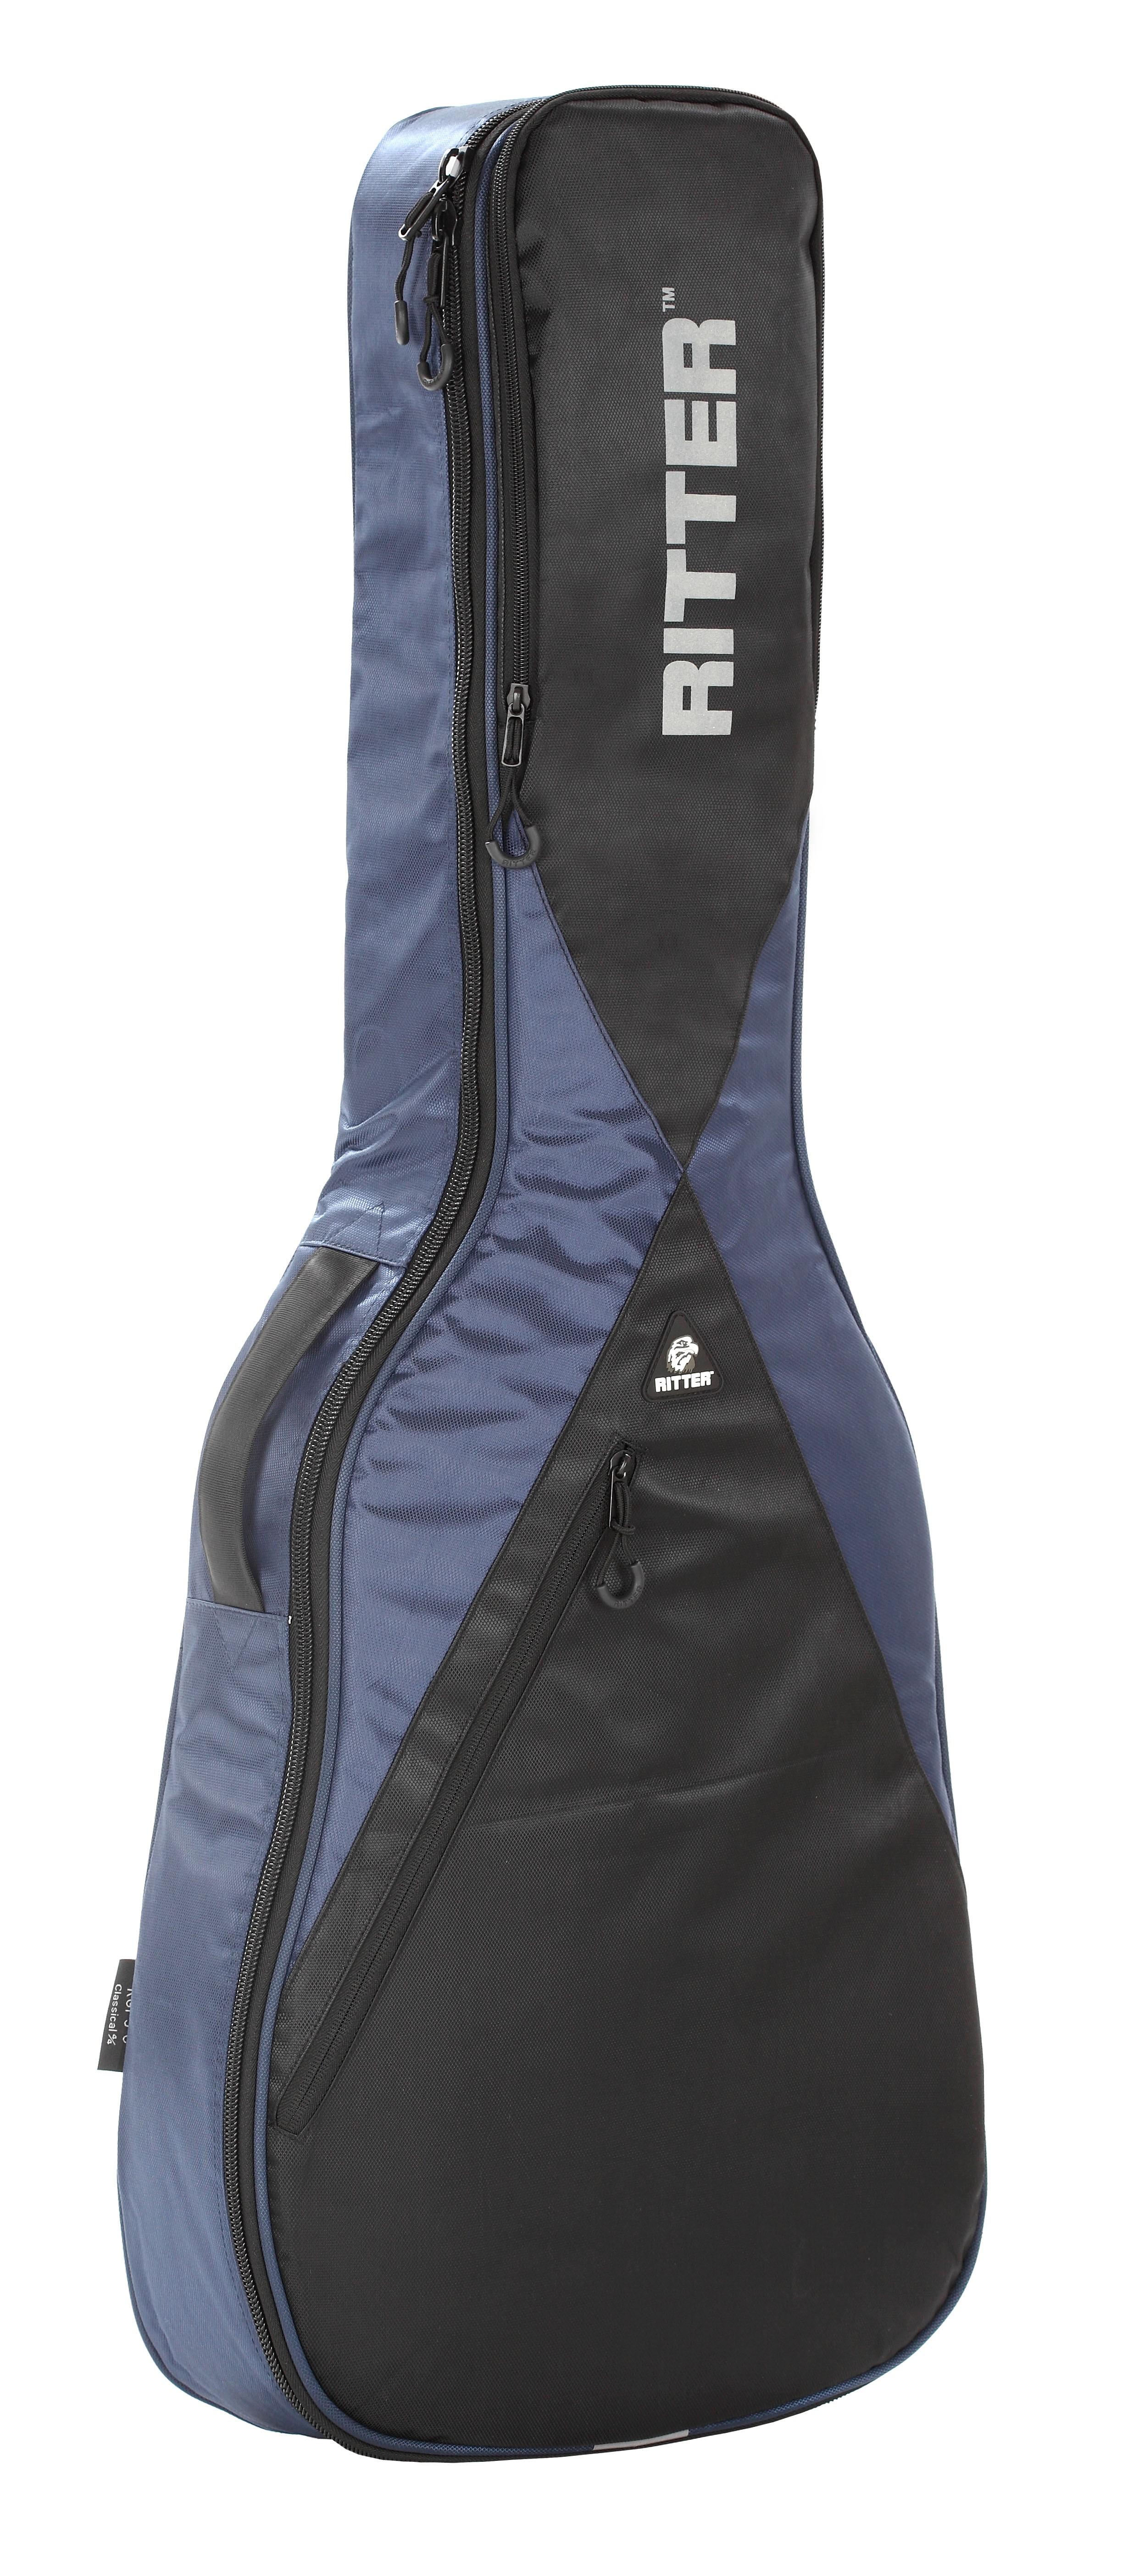 Ritter RGP5 Classical Guitar Bags